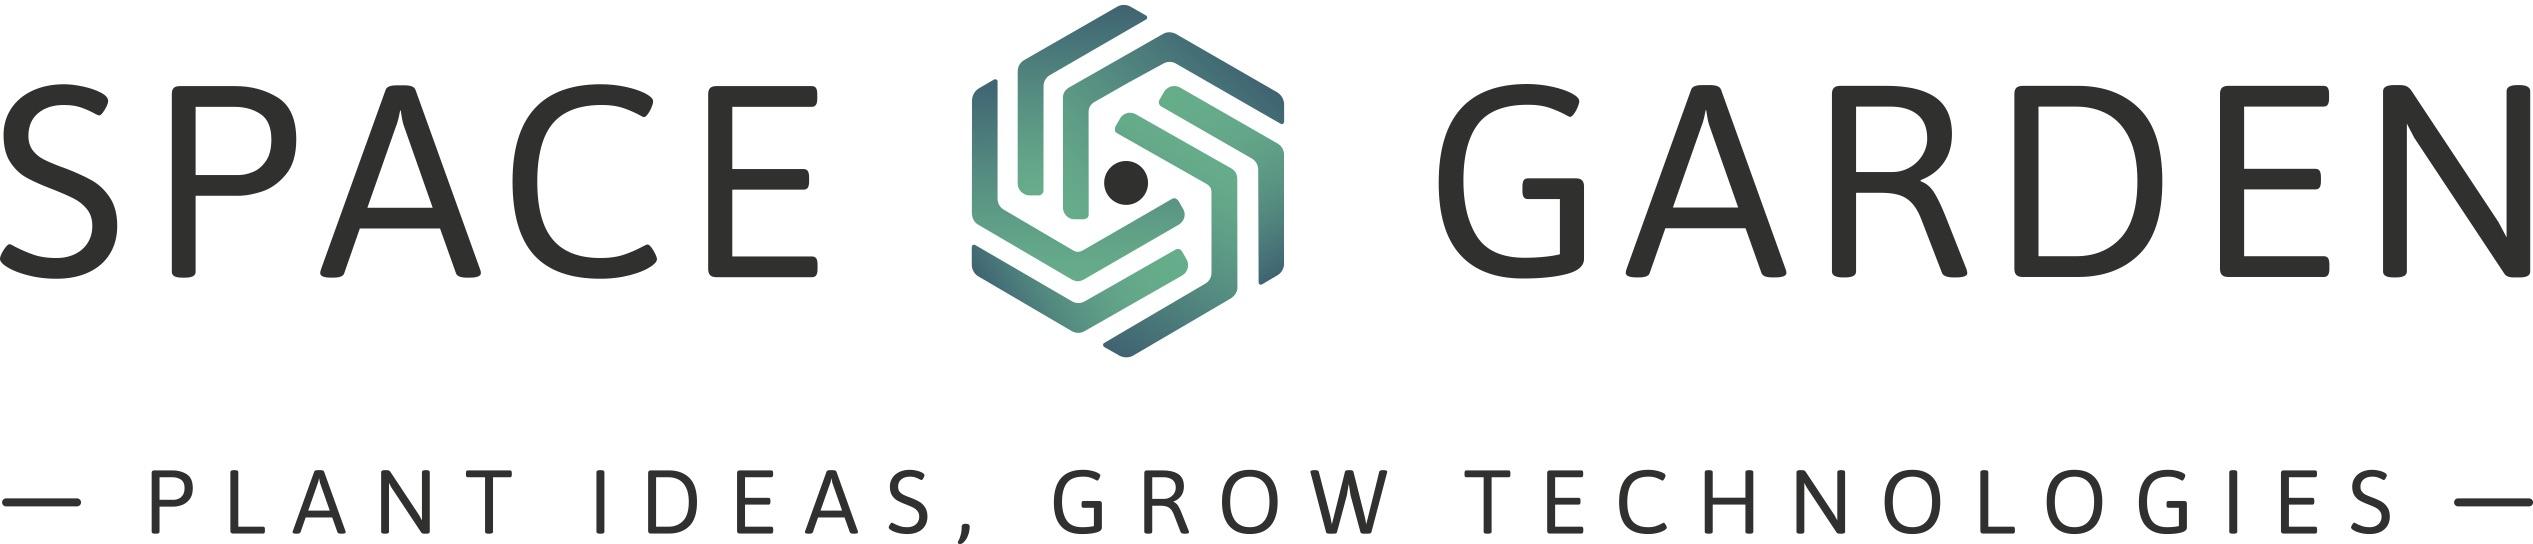 Space Garden Ltd.